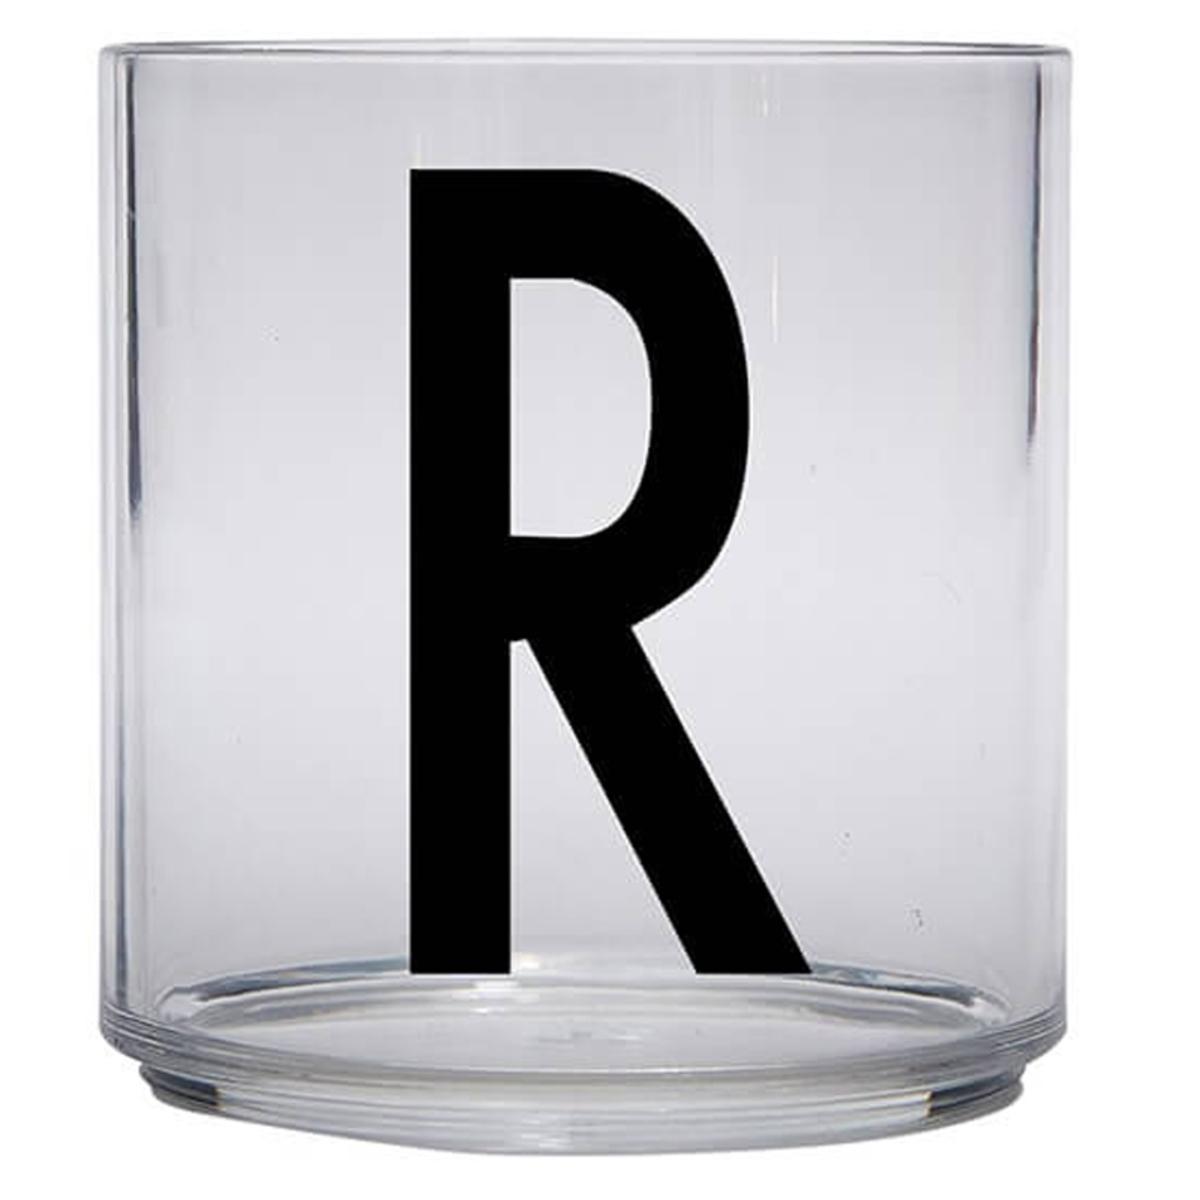 Tasse & Verre Verre Transparent R - 220 ml Verre Transparent R - 220 ml